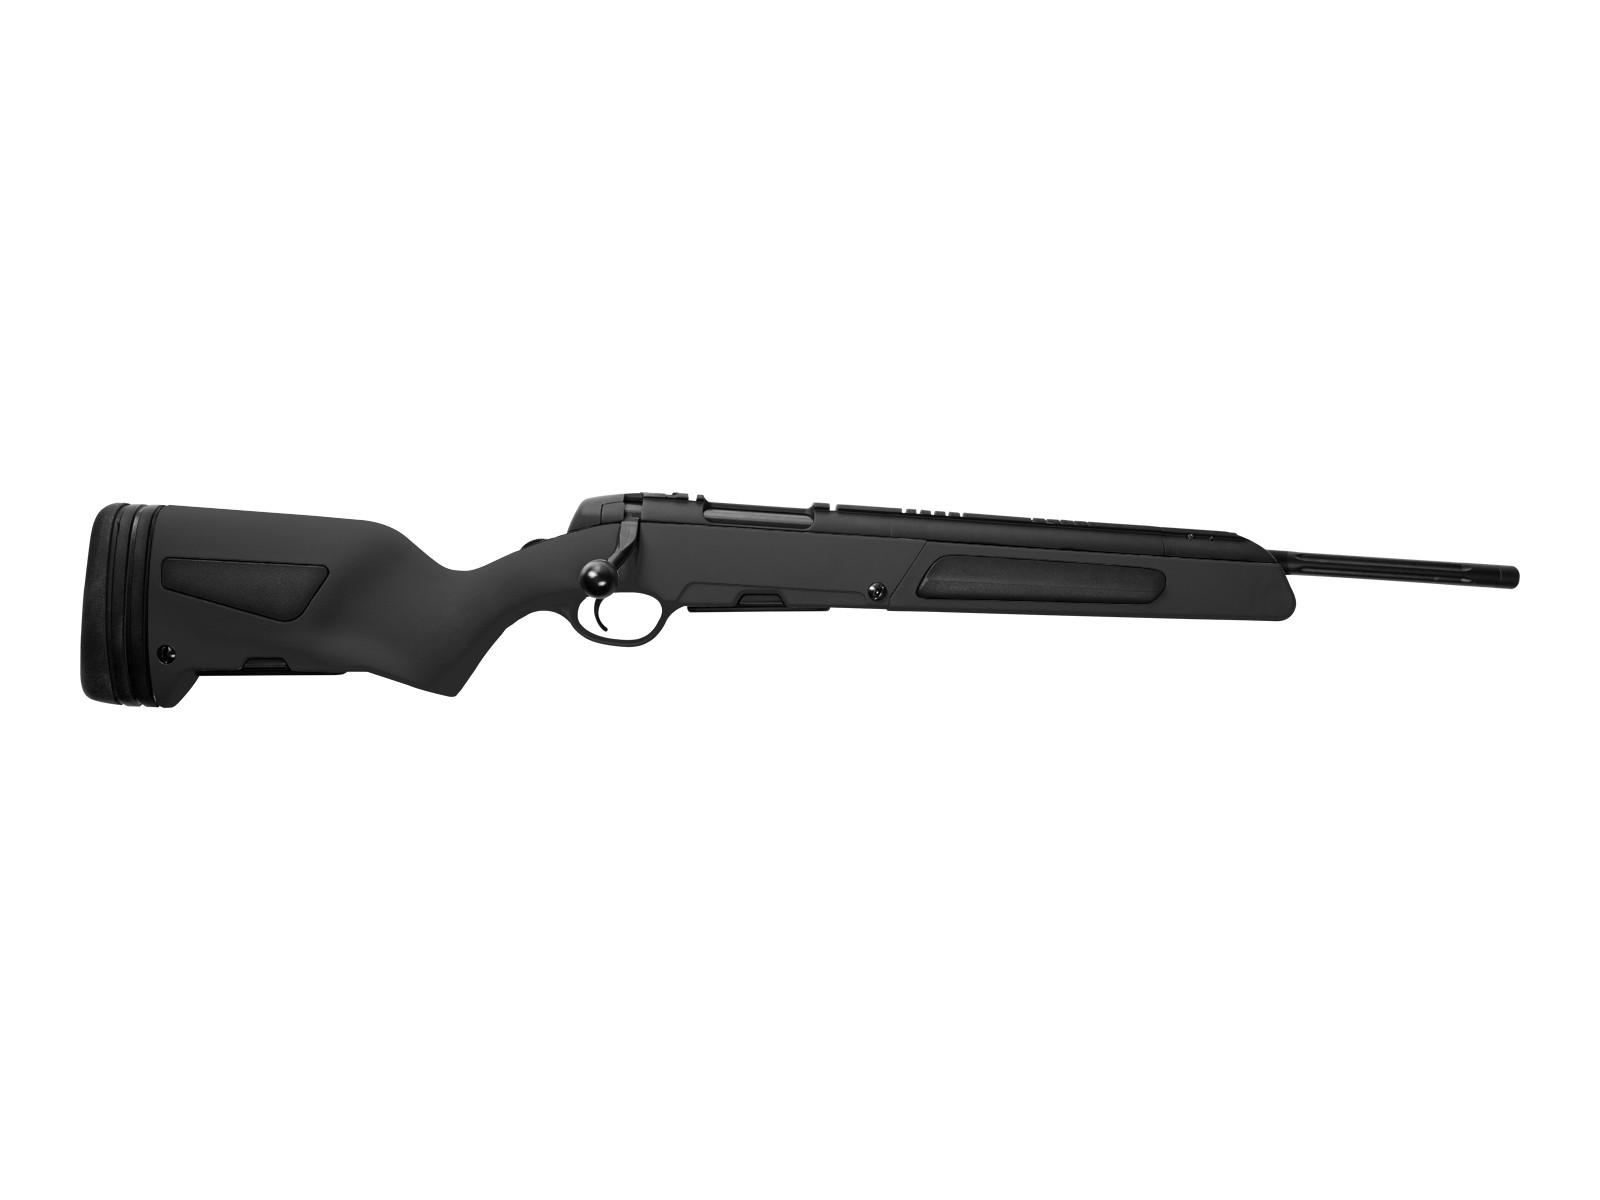 ASG - fusil de sniper Steyr Scout Sniper - Noir (1.8 Joules)